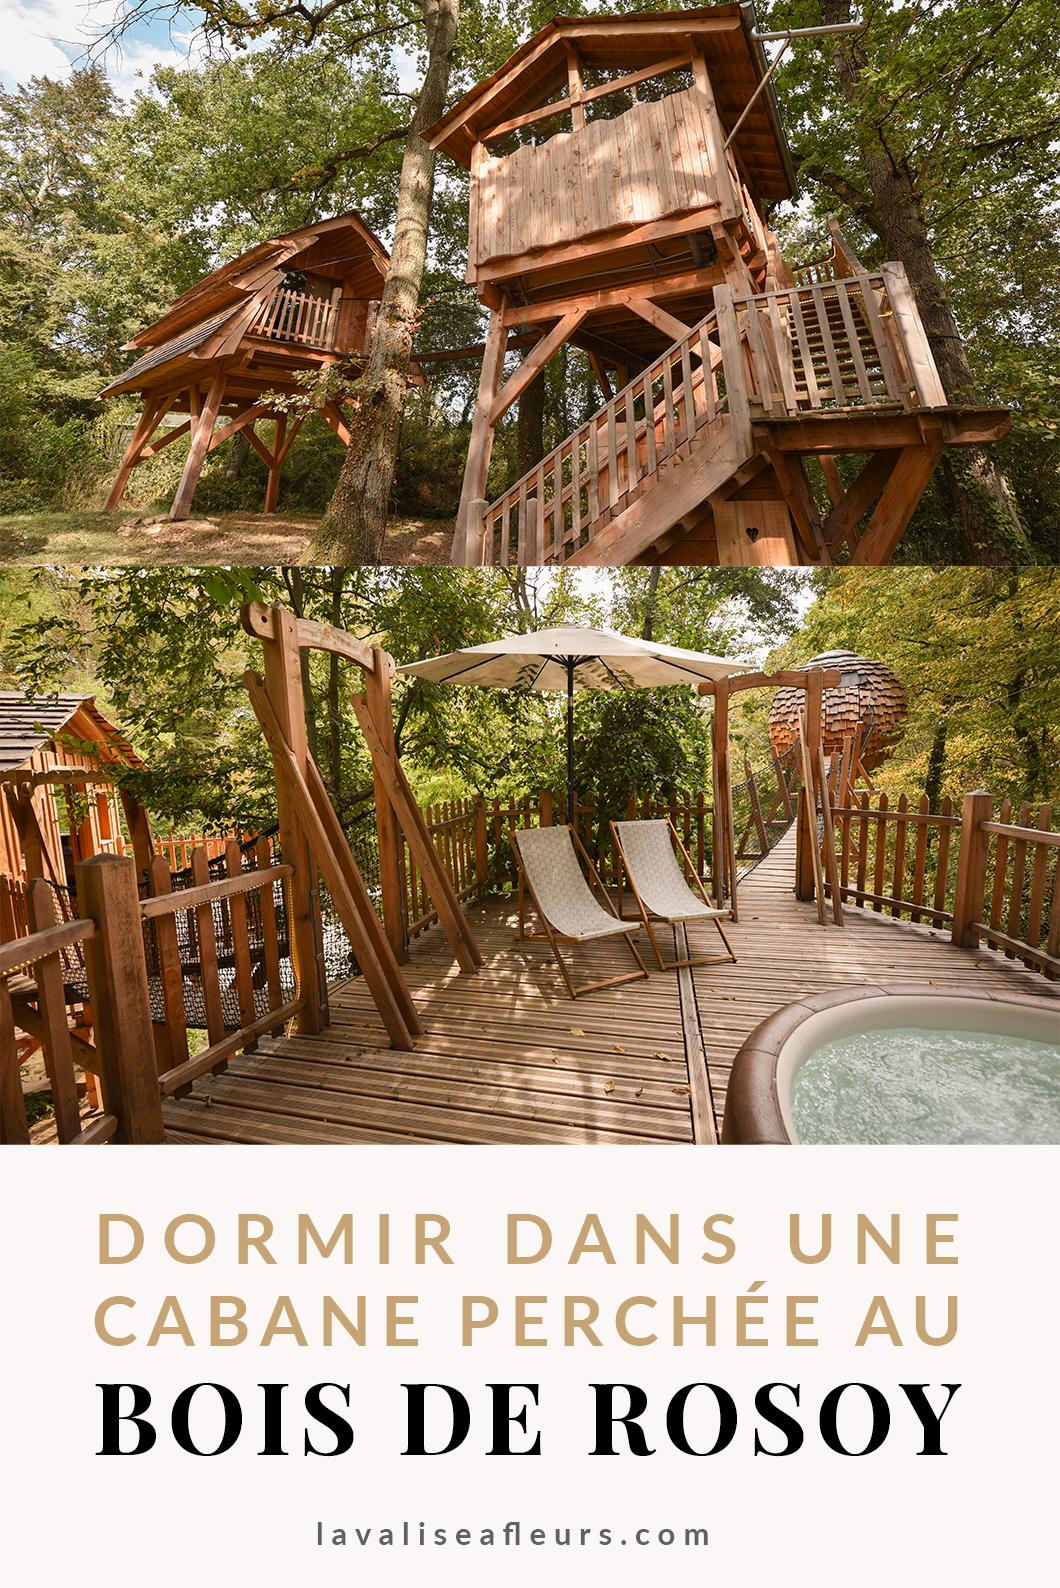 Dormir dans une cabane dans les arbres au Bois de Rosoy à 1h de Paris